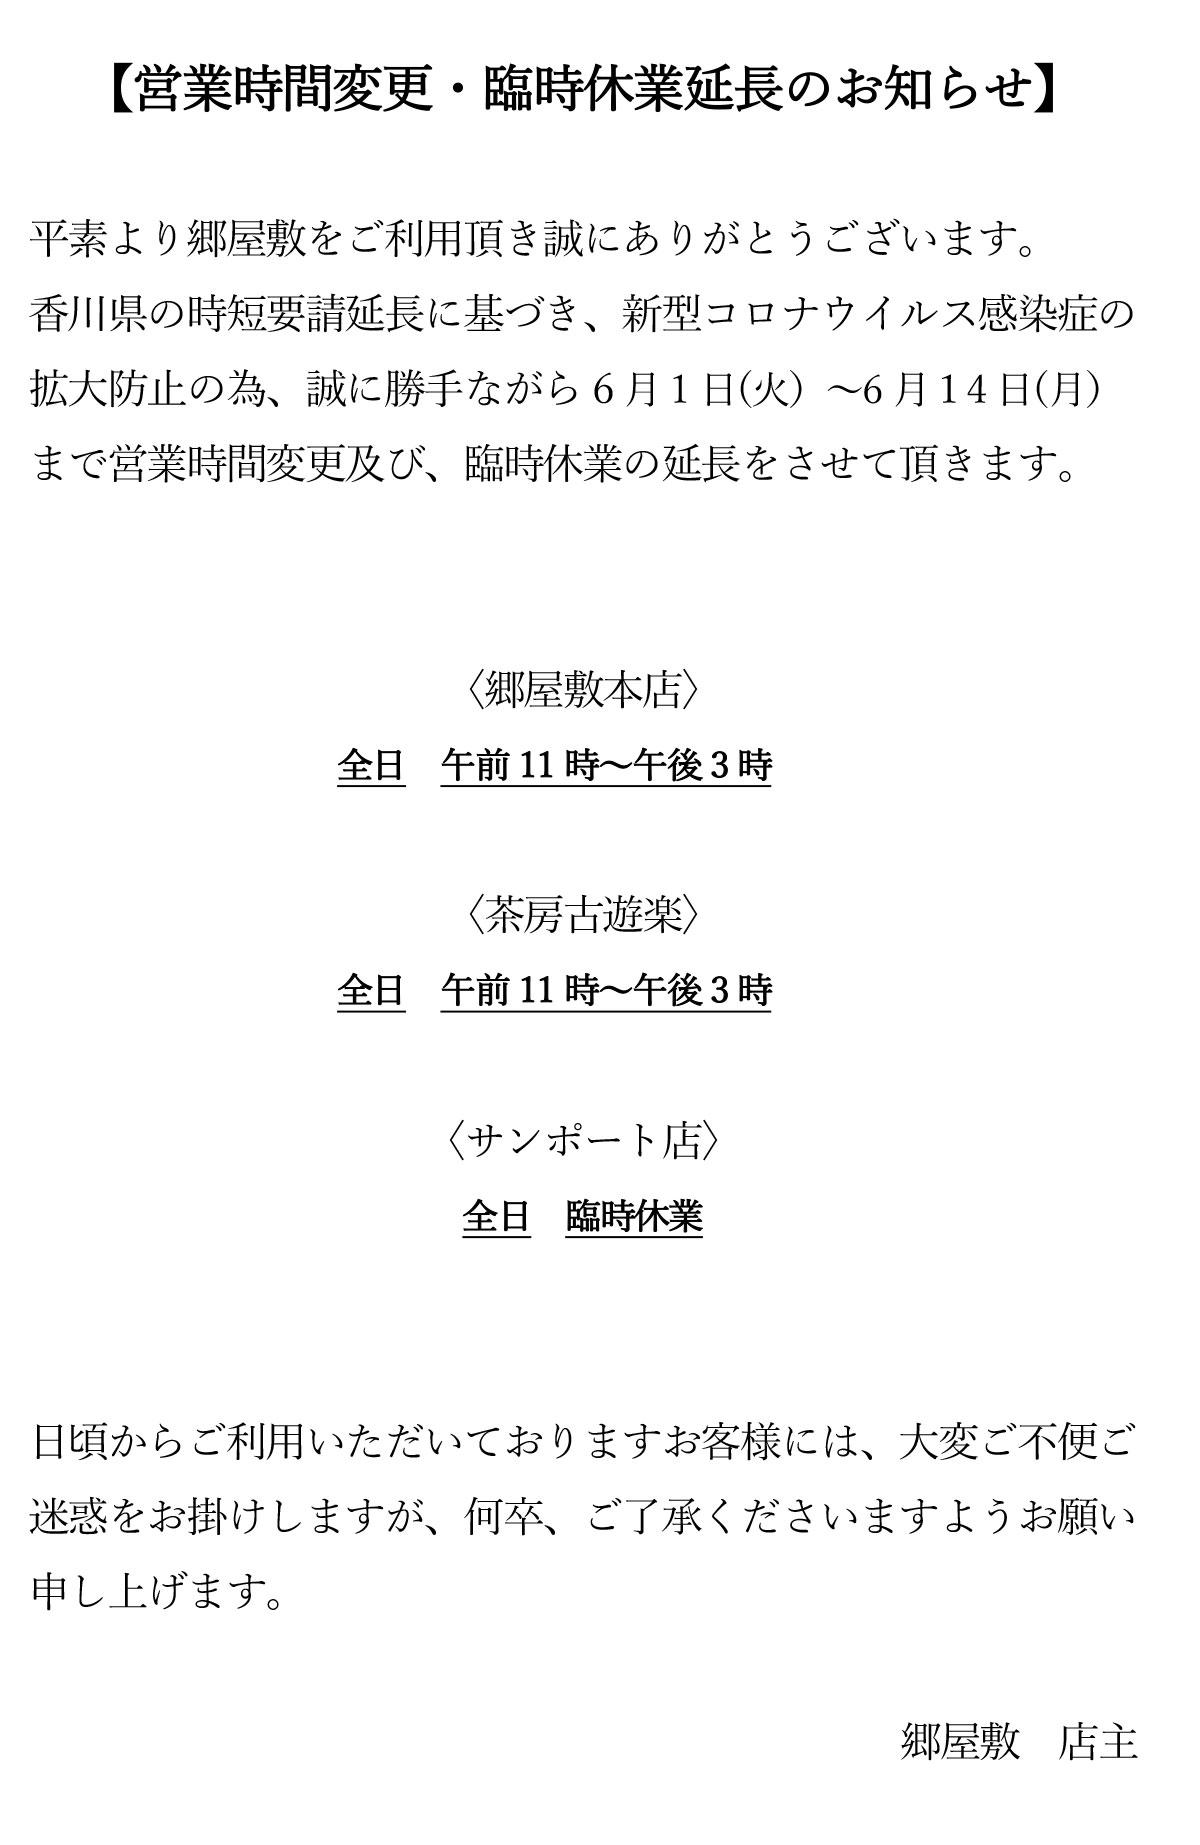 【営業時間変更・臨時休業延長のお知らせ】